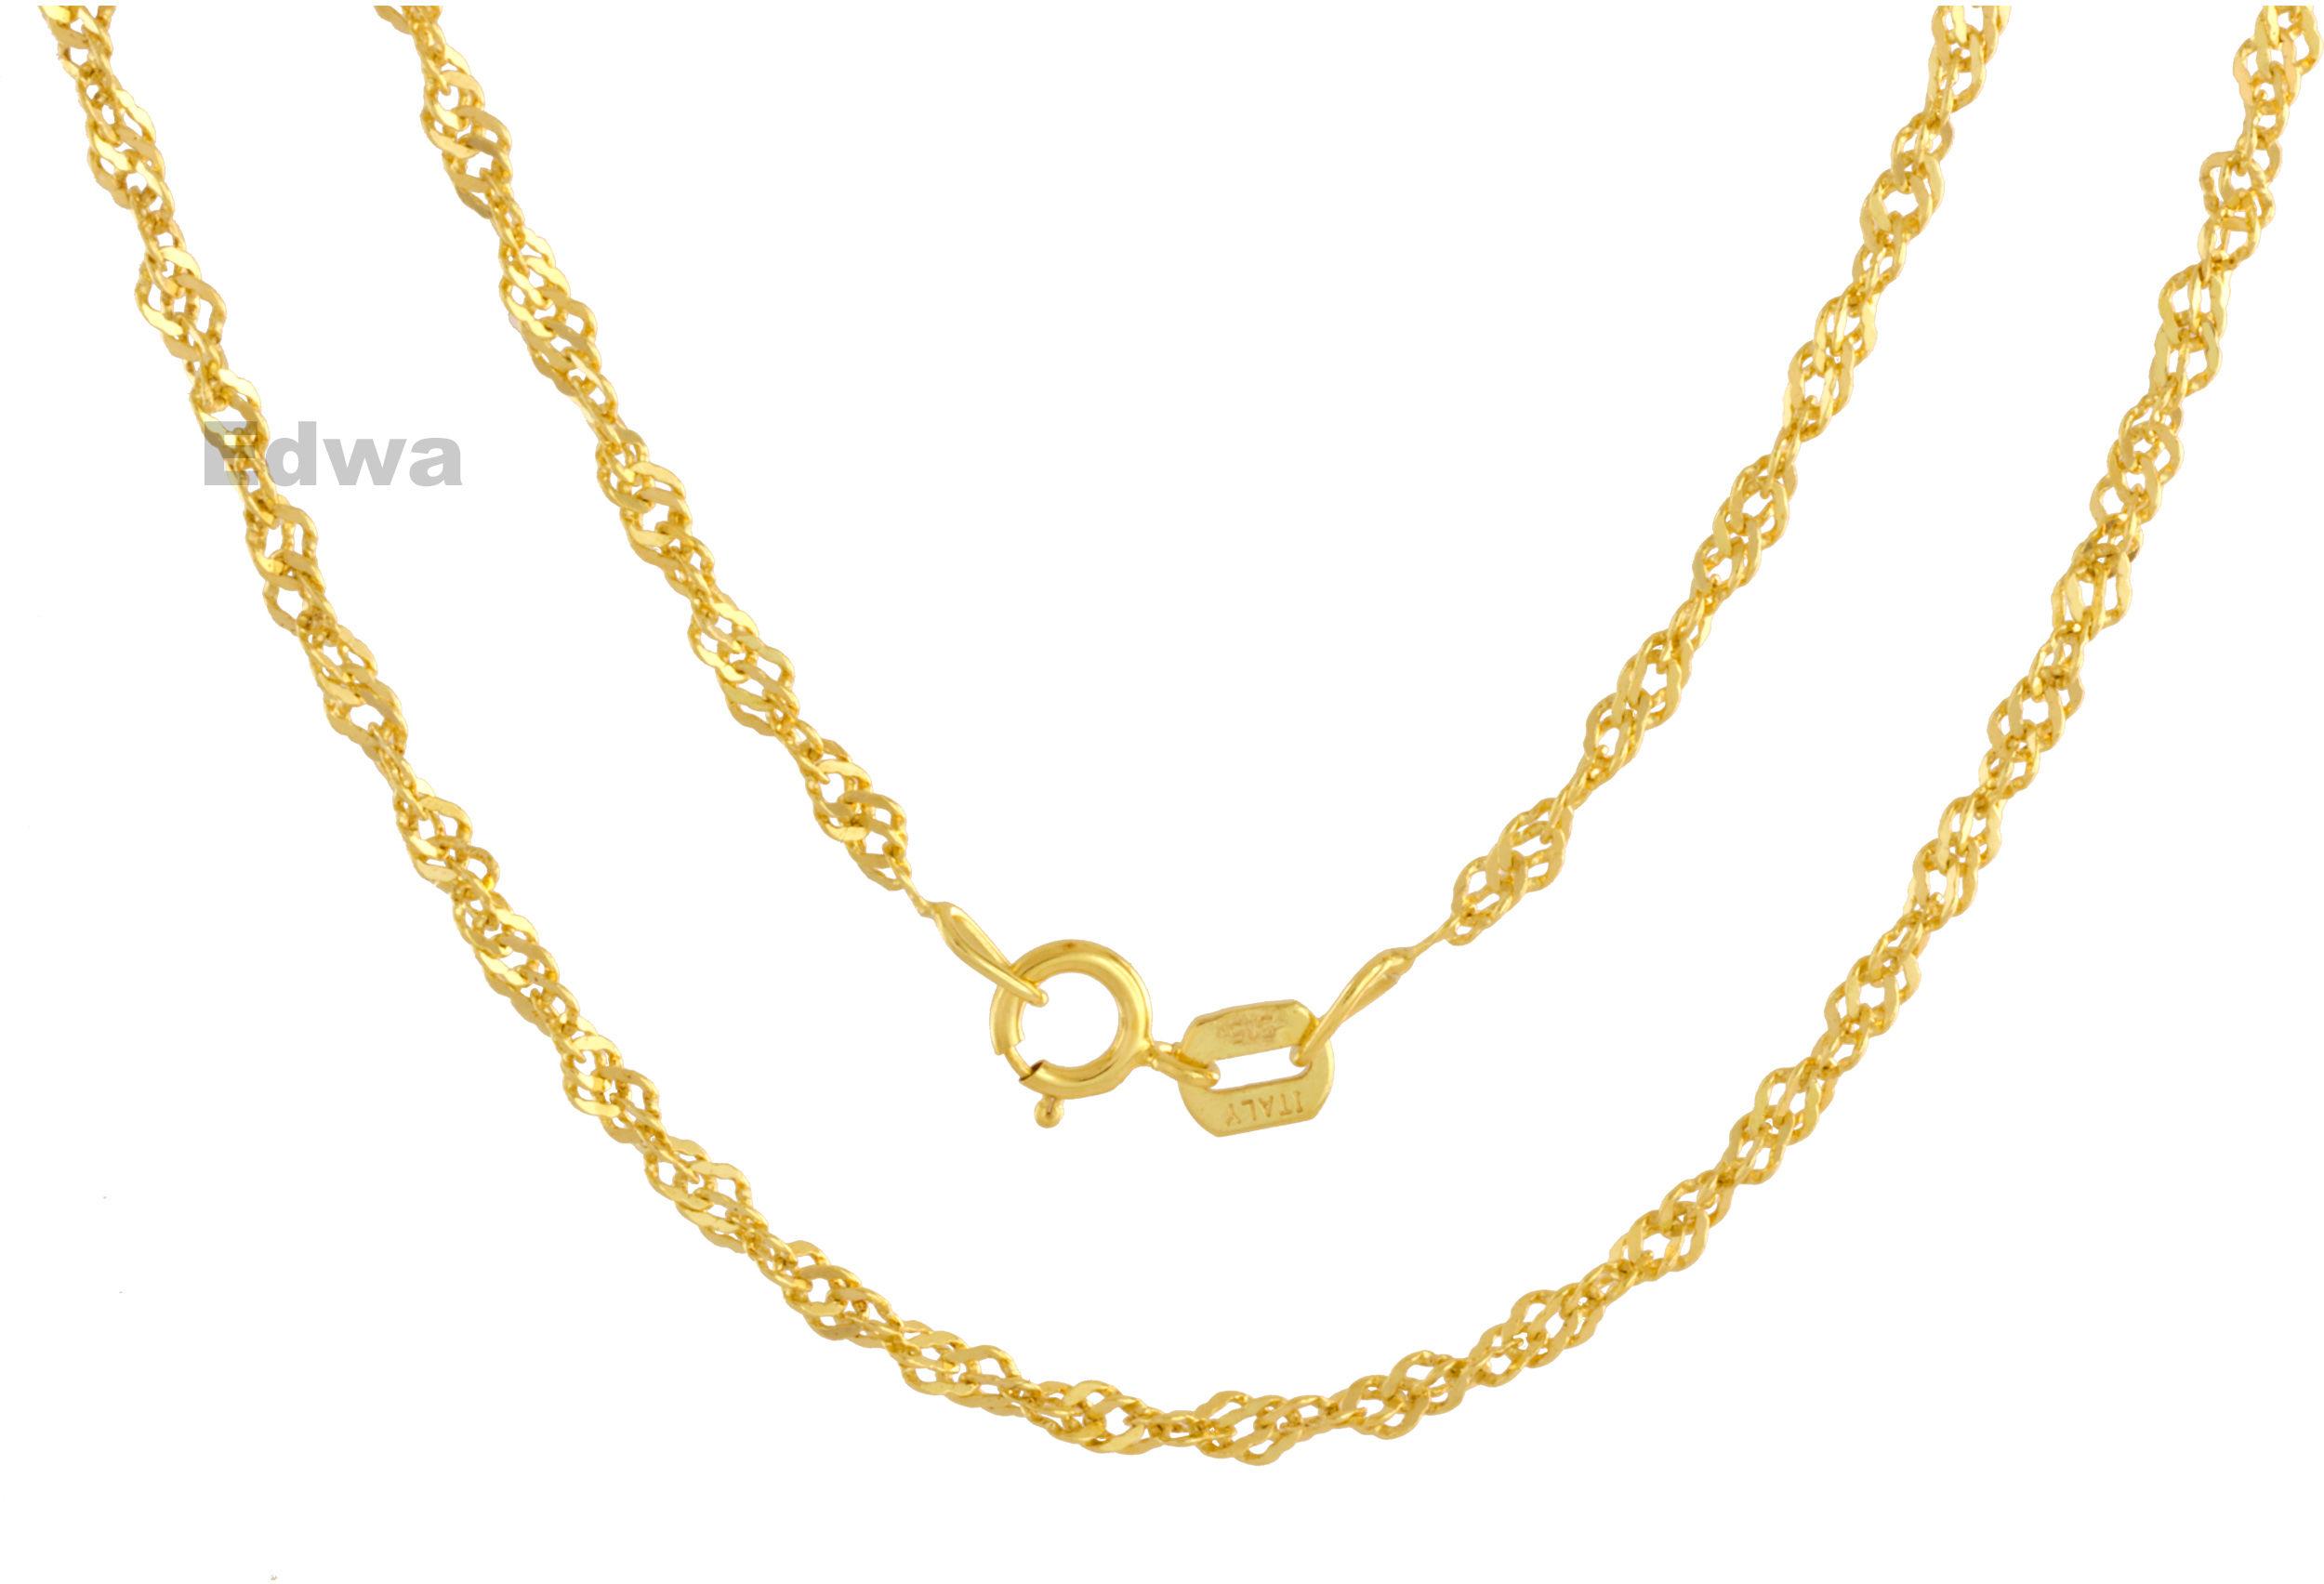 Łańcuszek złoty Singapur pr.585. 50 cm